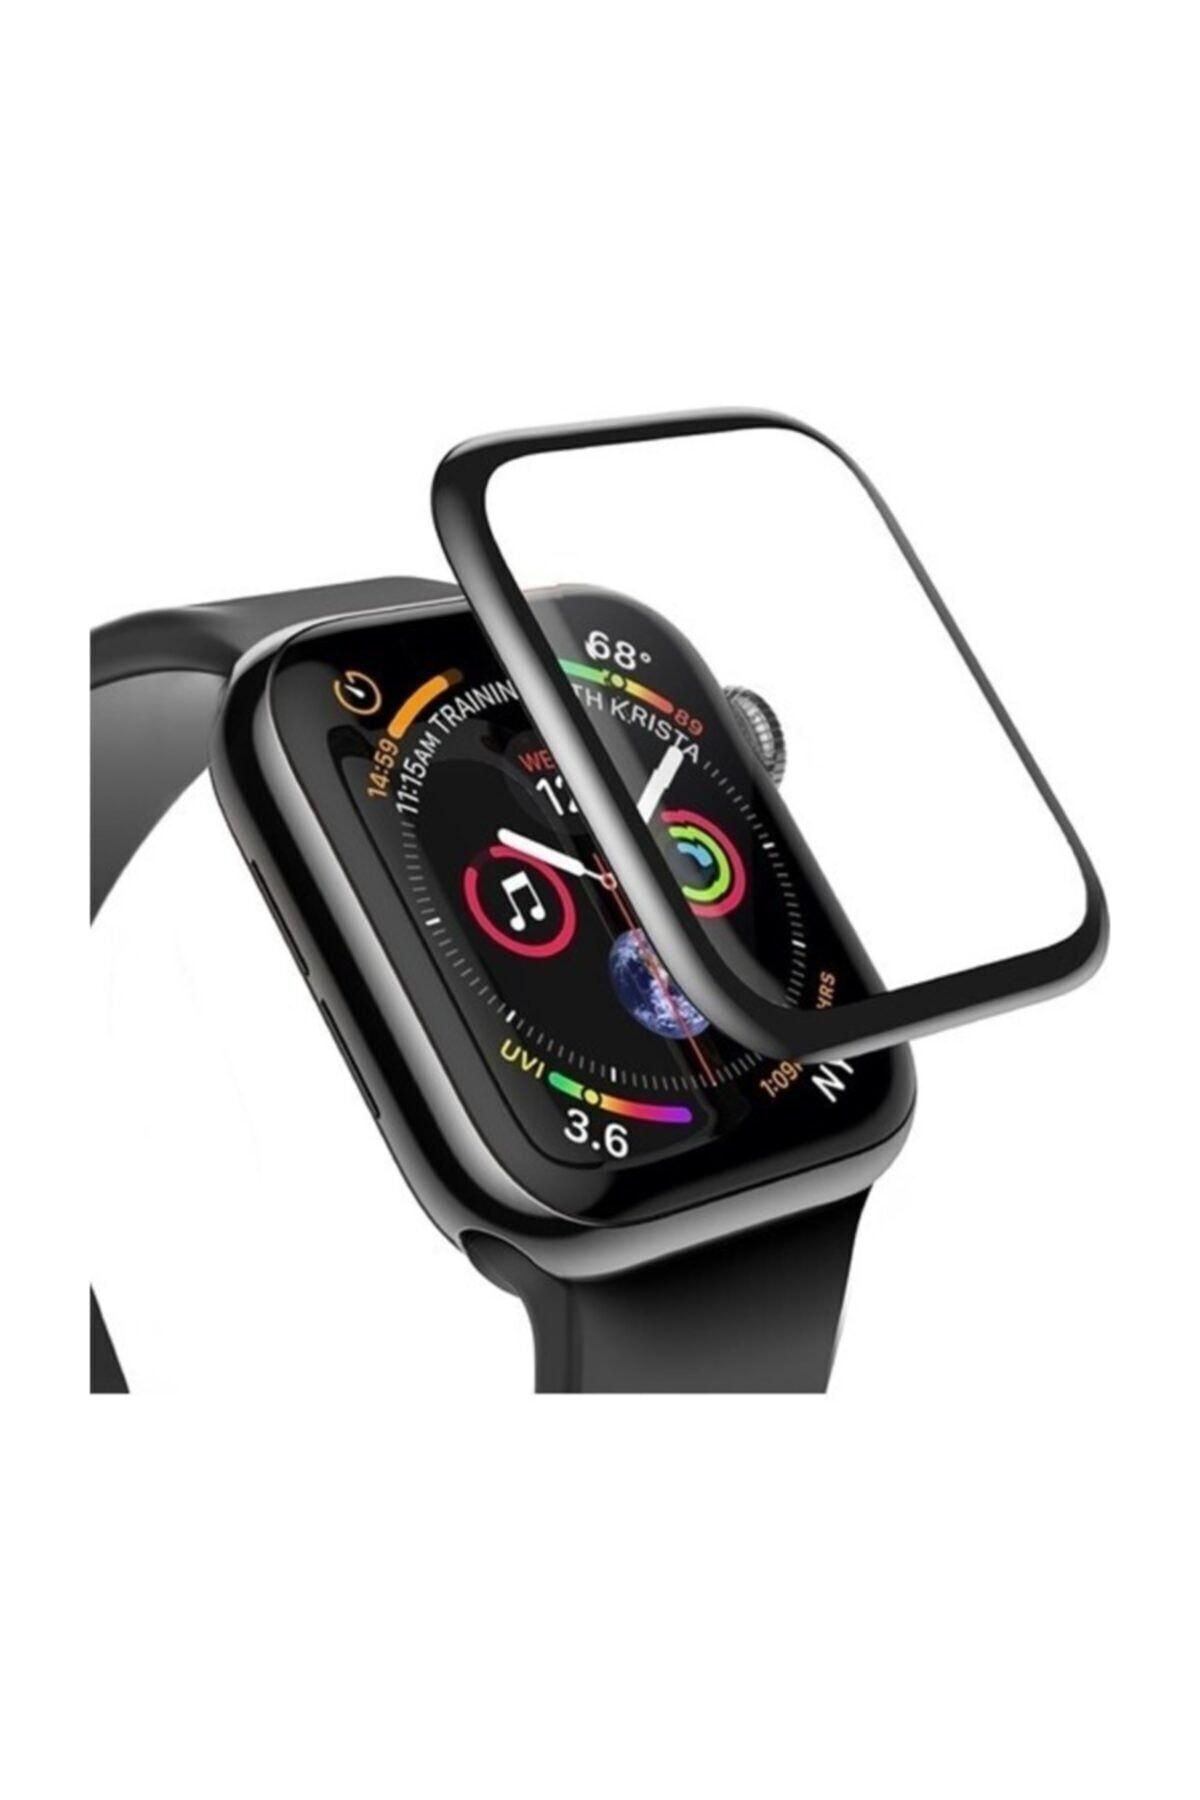 KVK PRİVACY Apple Watch 3 4 5 6 Se 40mm 5d Kavisli Tempered Kırılmaz Cam Koruyucu 1